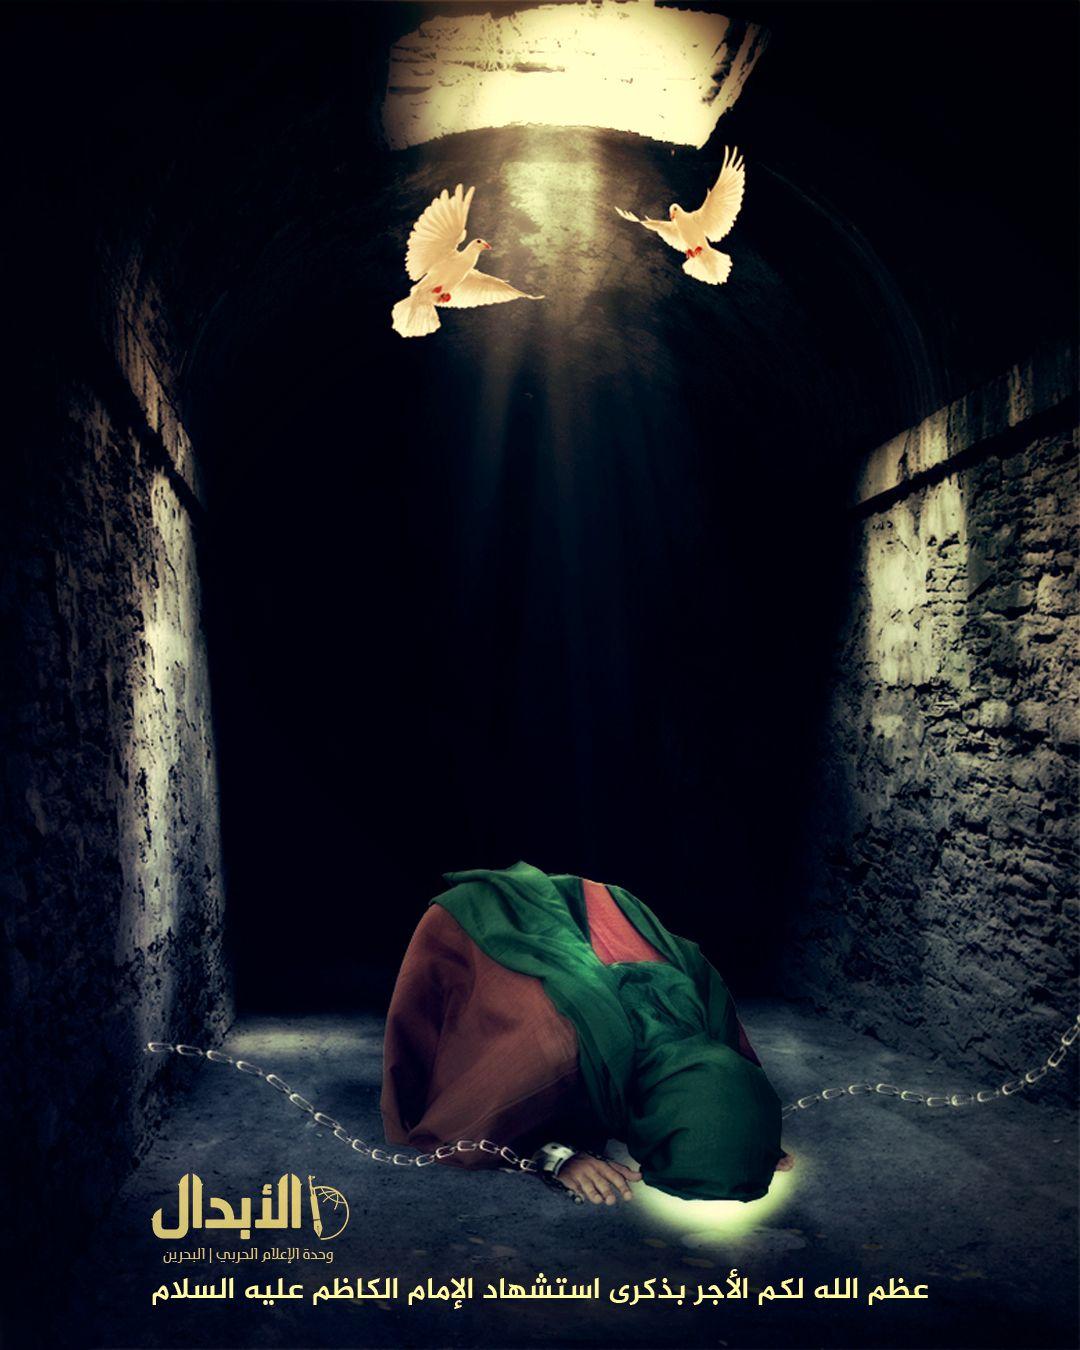 تعزية بمناسبة ذكرى استشهاد الإمام موسى الكاظم عليه السلام Movie Posters Poster Drawing Tutorial